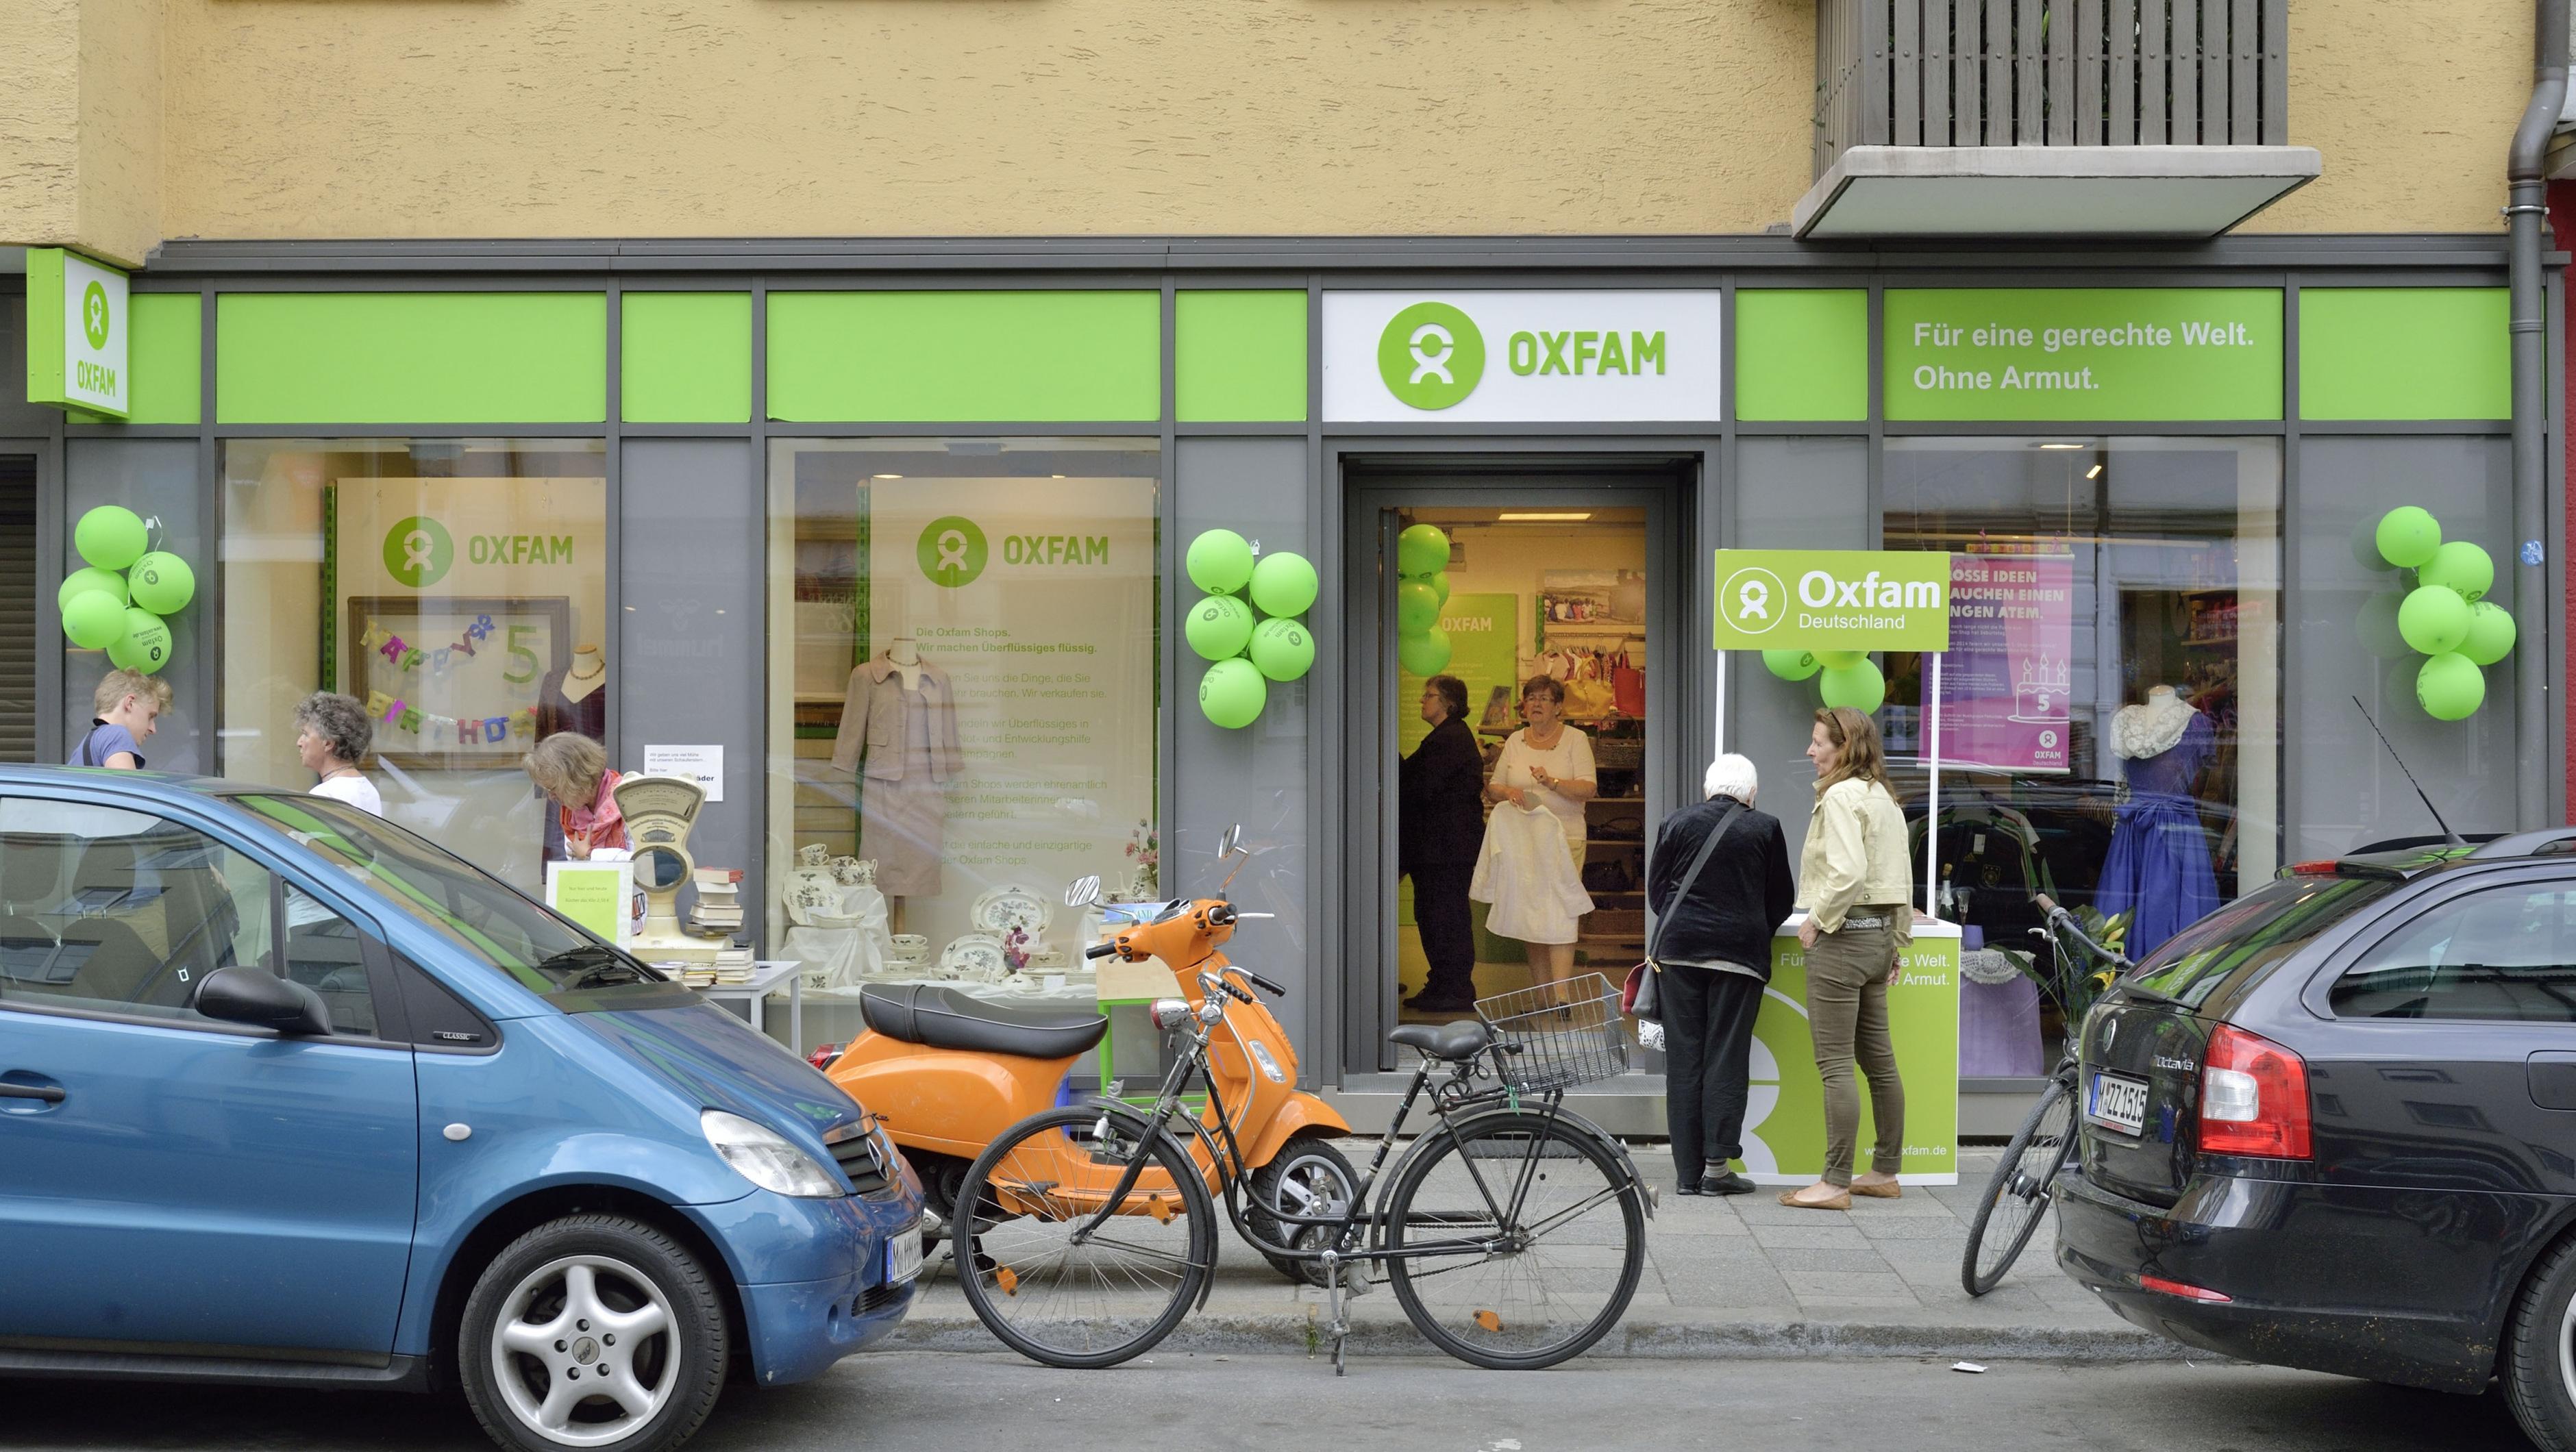 Oxfam Shop München-Maxvorstadt - Außenansicht